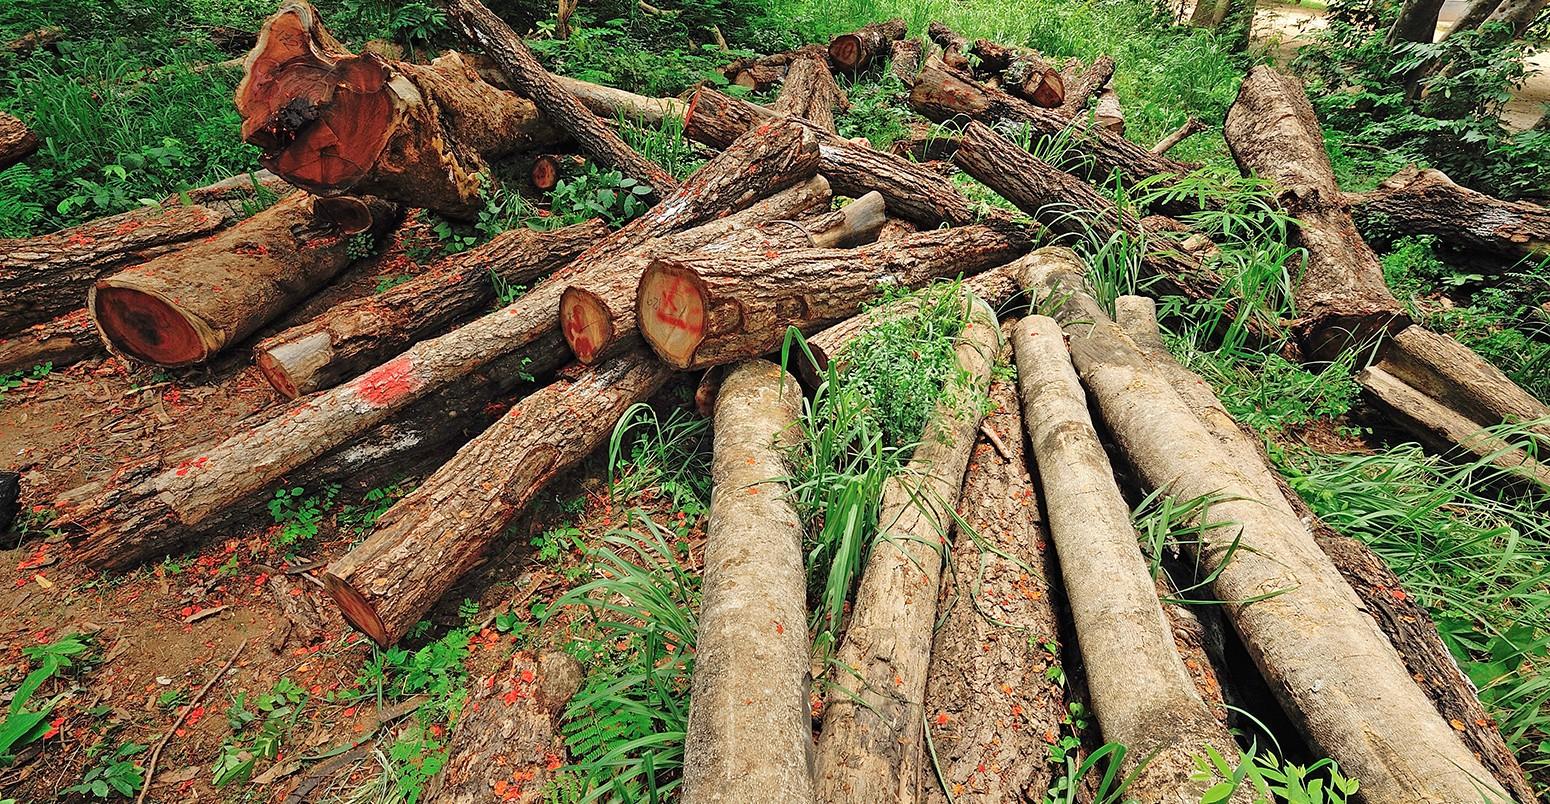 AB'nin yenilenebilir enerji direktifleri küresel ormanları tehdit ediyor - Haber - Solarist - Güneş Enerjisi Portalı